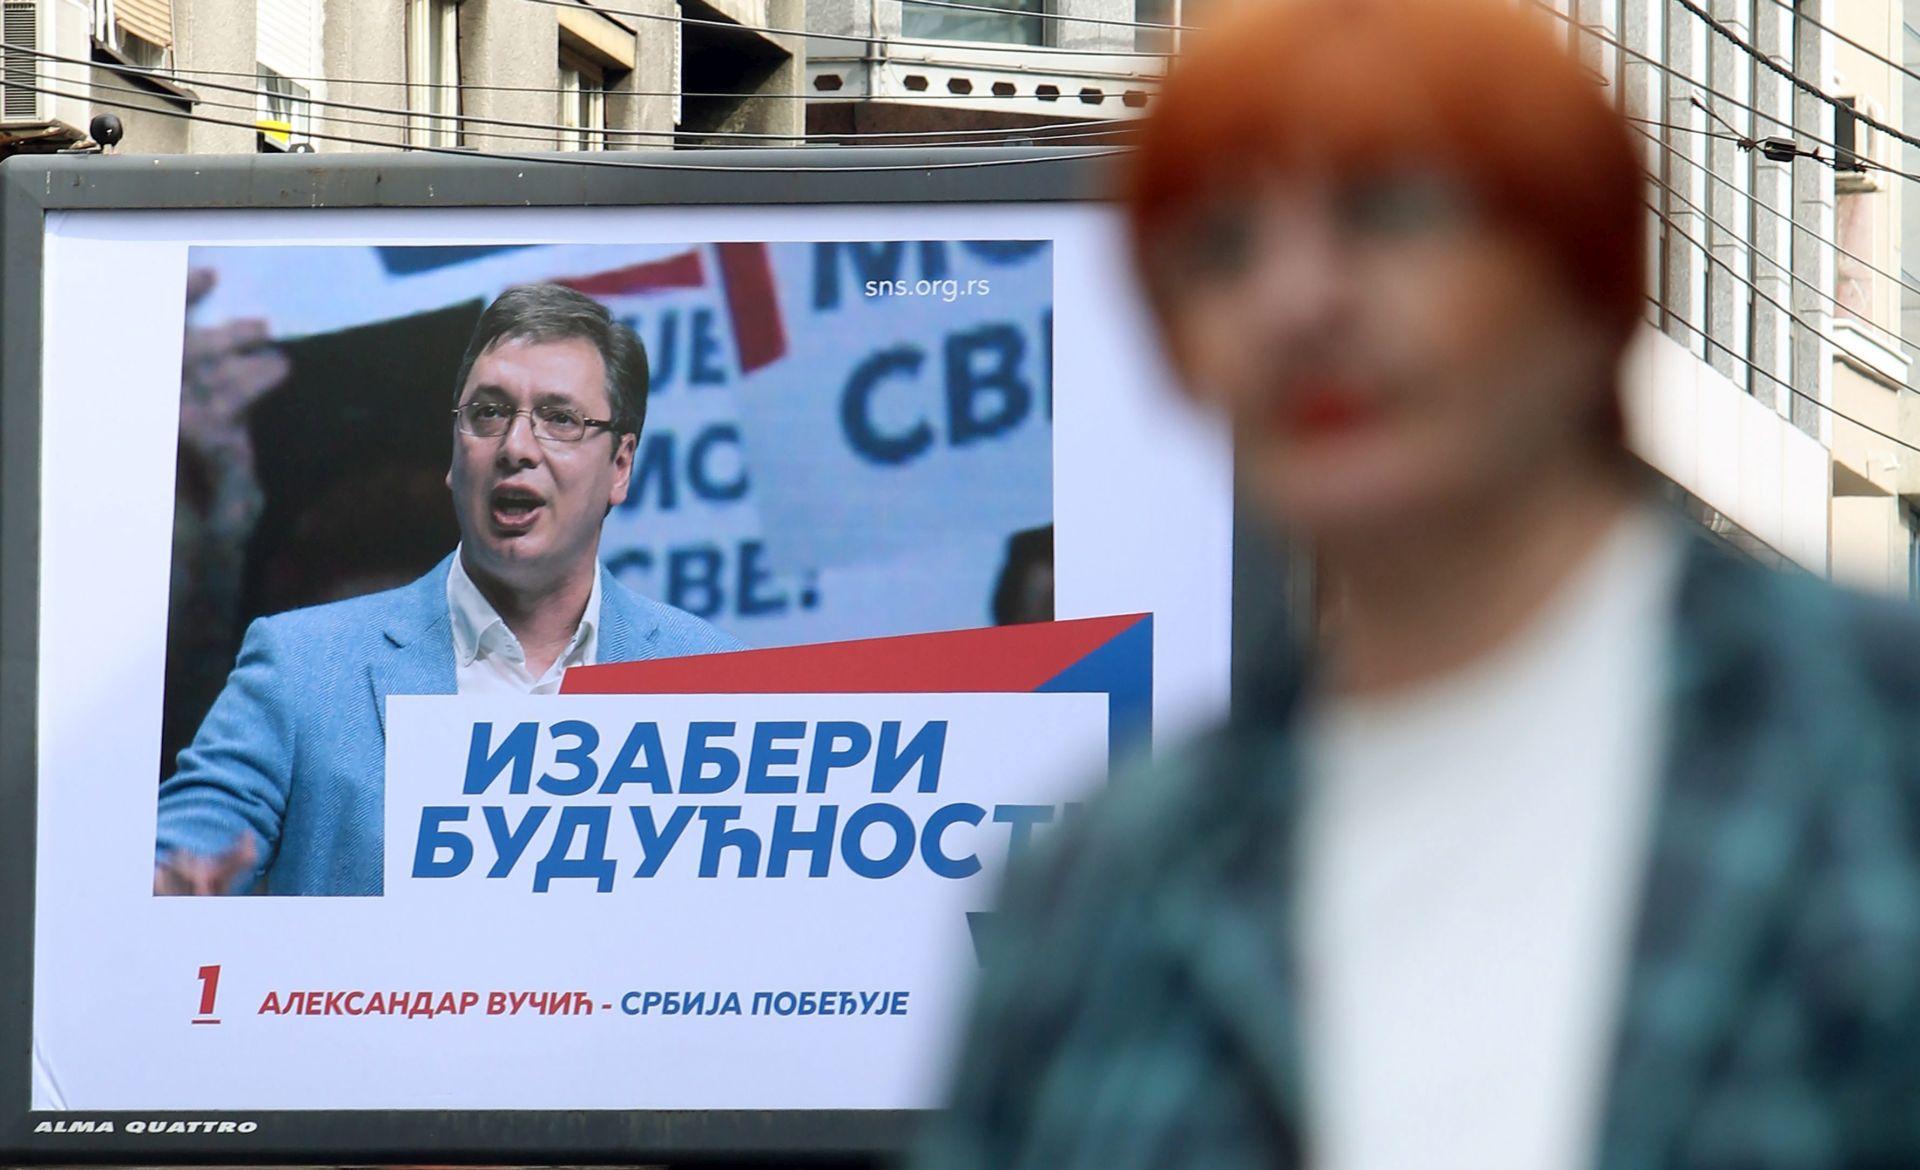 INCIDENT U IZBORNOM POVJERENSTVU: U Srbiji 4. svibnja ponovno glasovanje na 15 mjesta